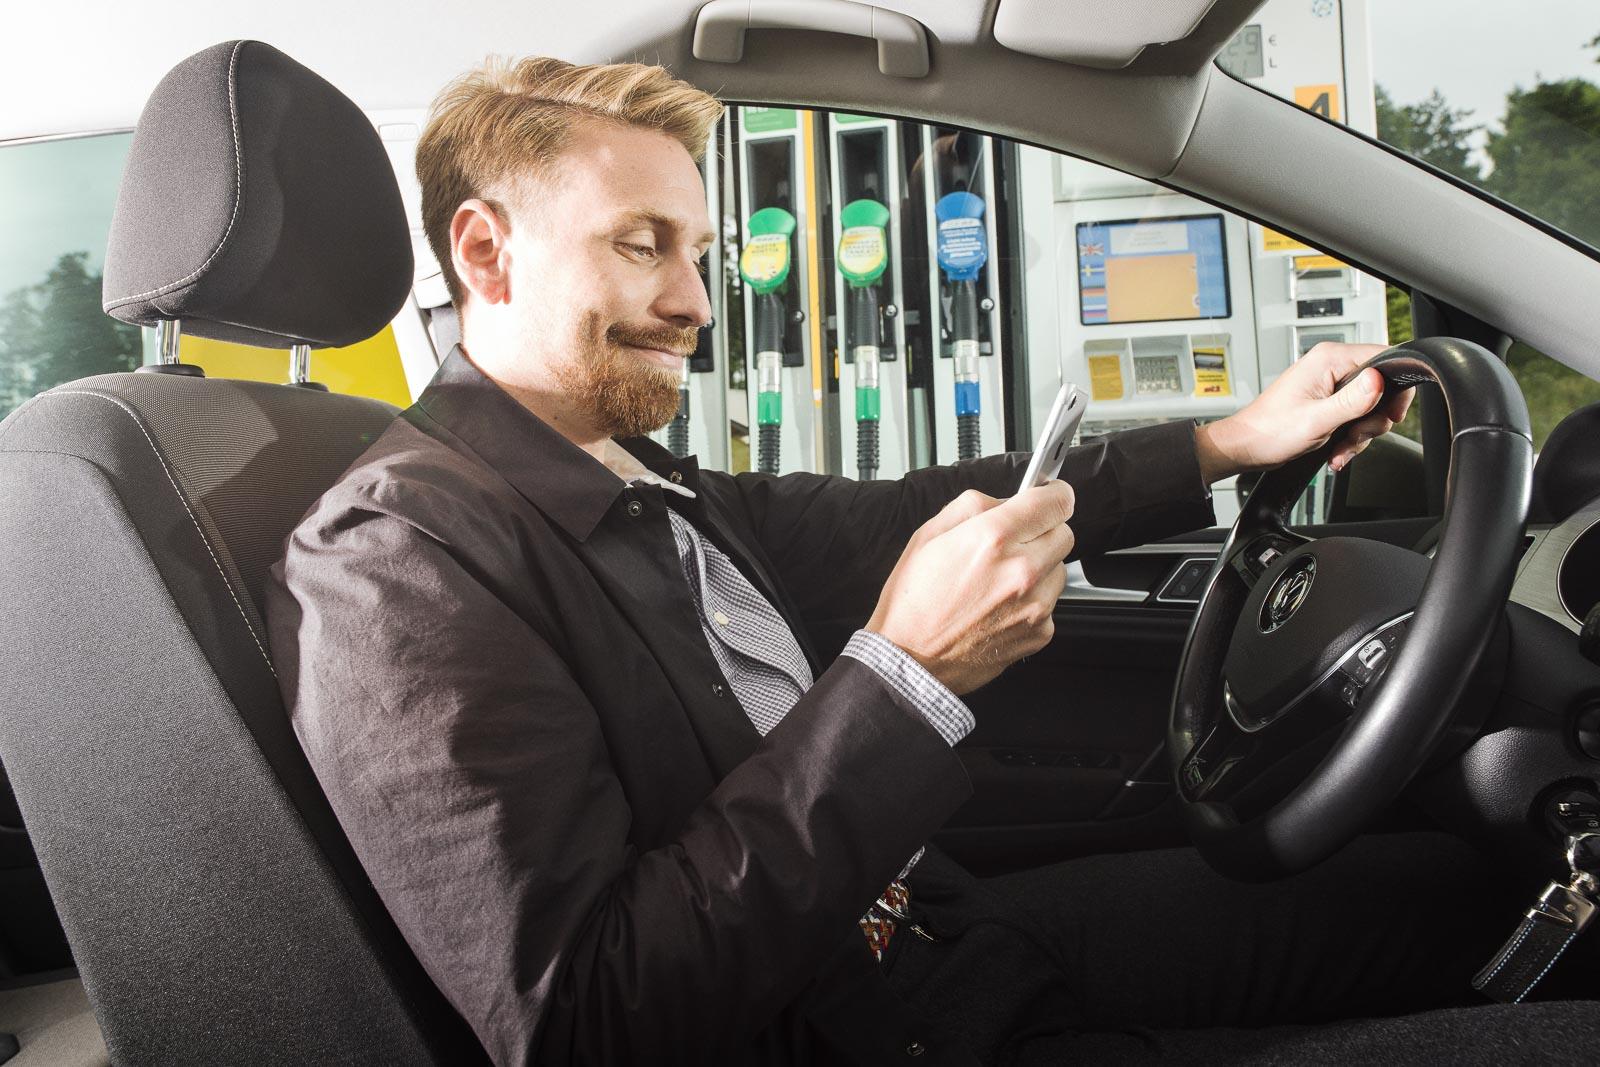 mies käyttää st1 way sovellusta autossa istuessaan